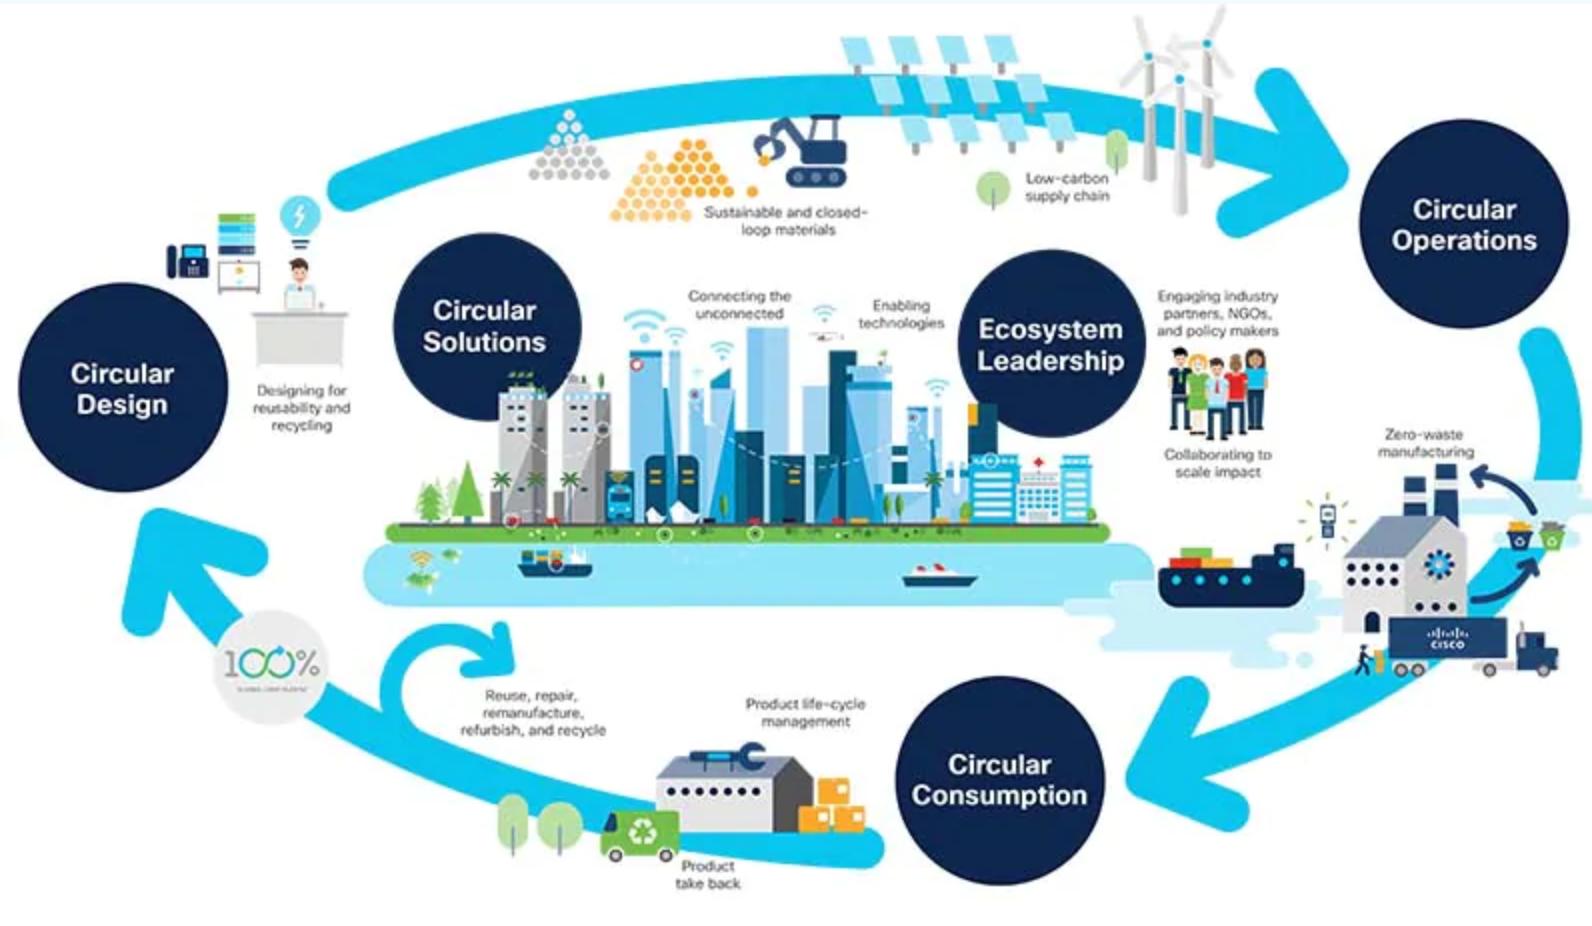 Cisco's broad circular economy diagram.